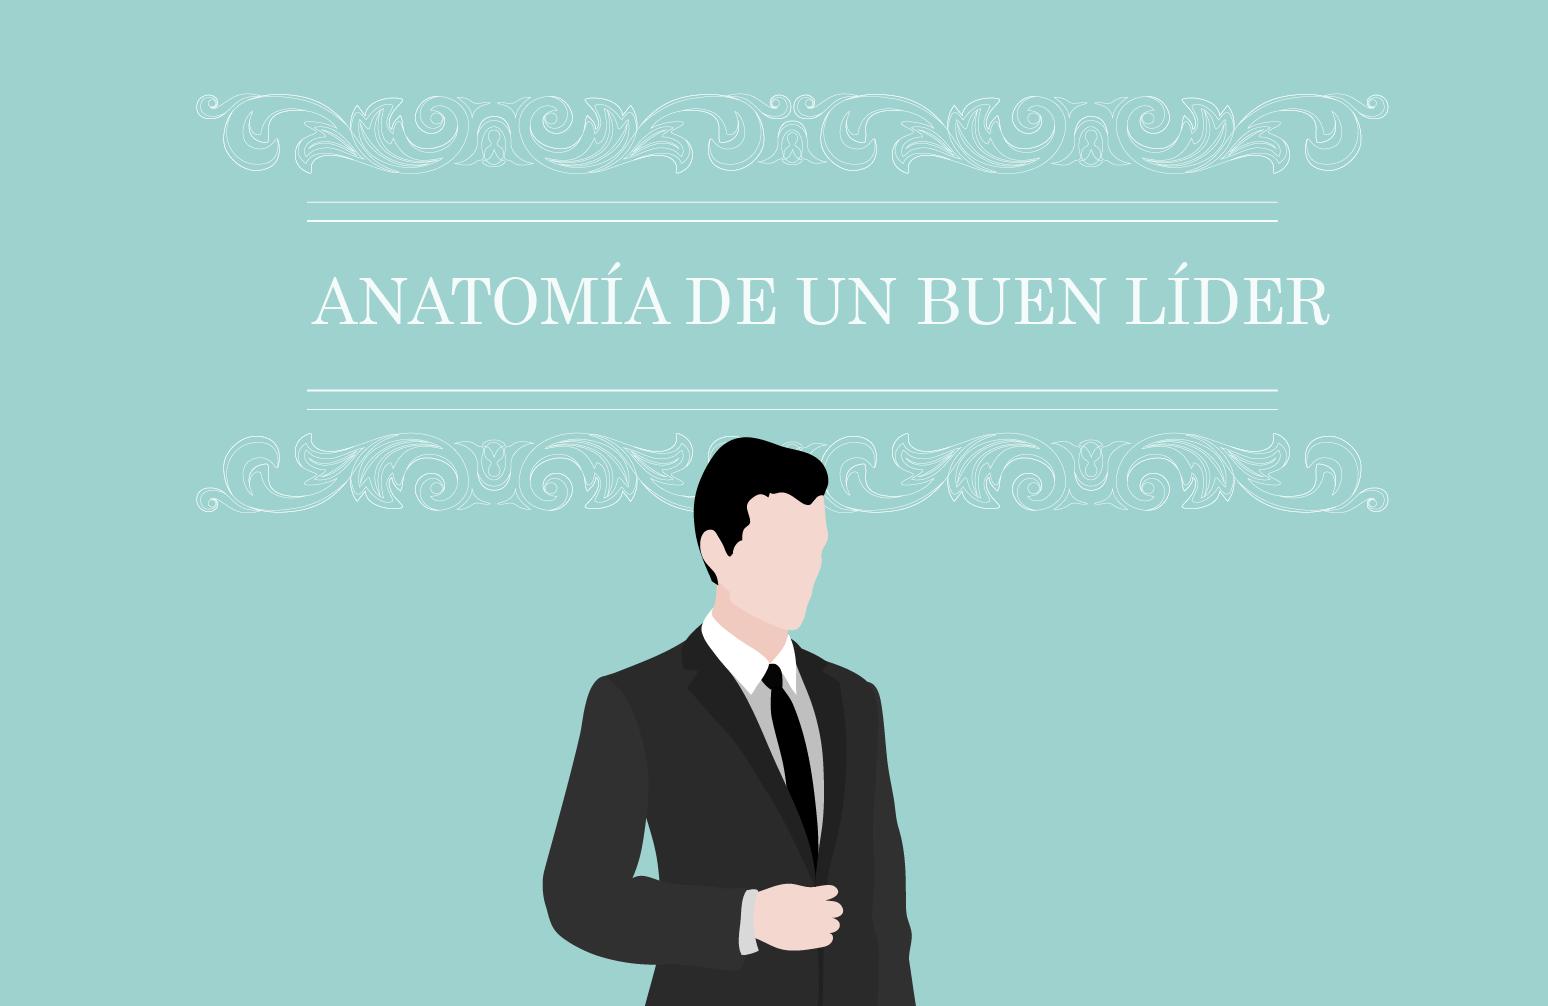 Infografía que detalla cómo es la anatomía de un buen líder ...